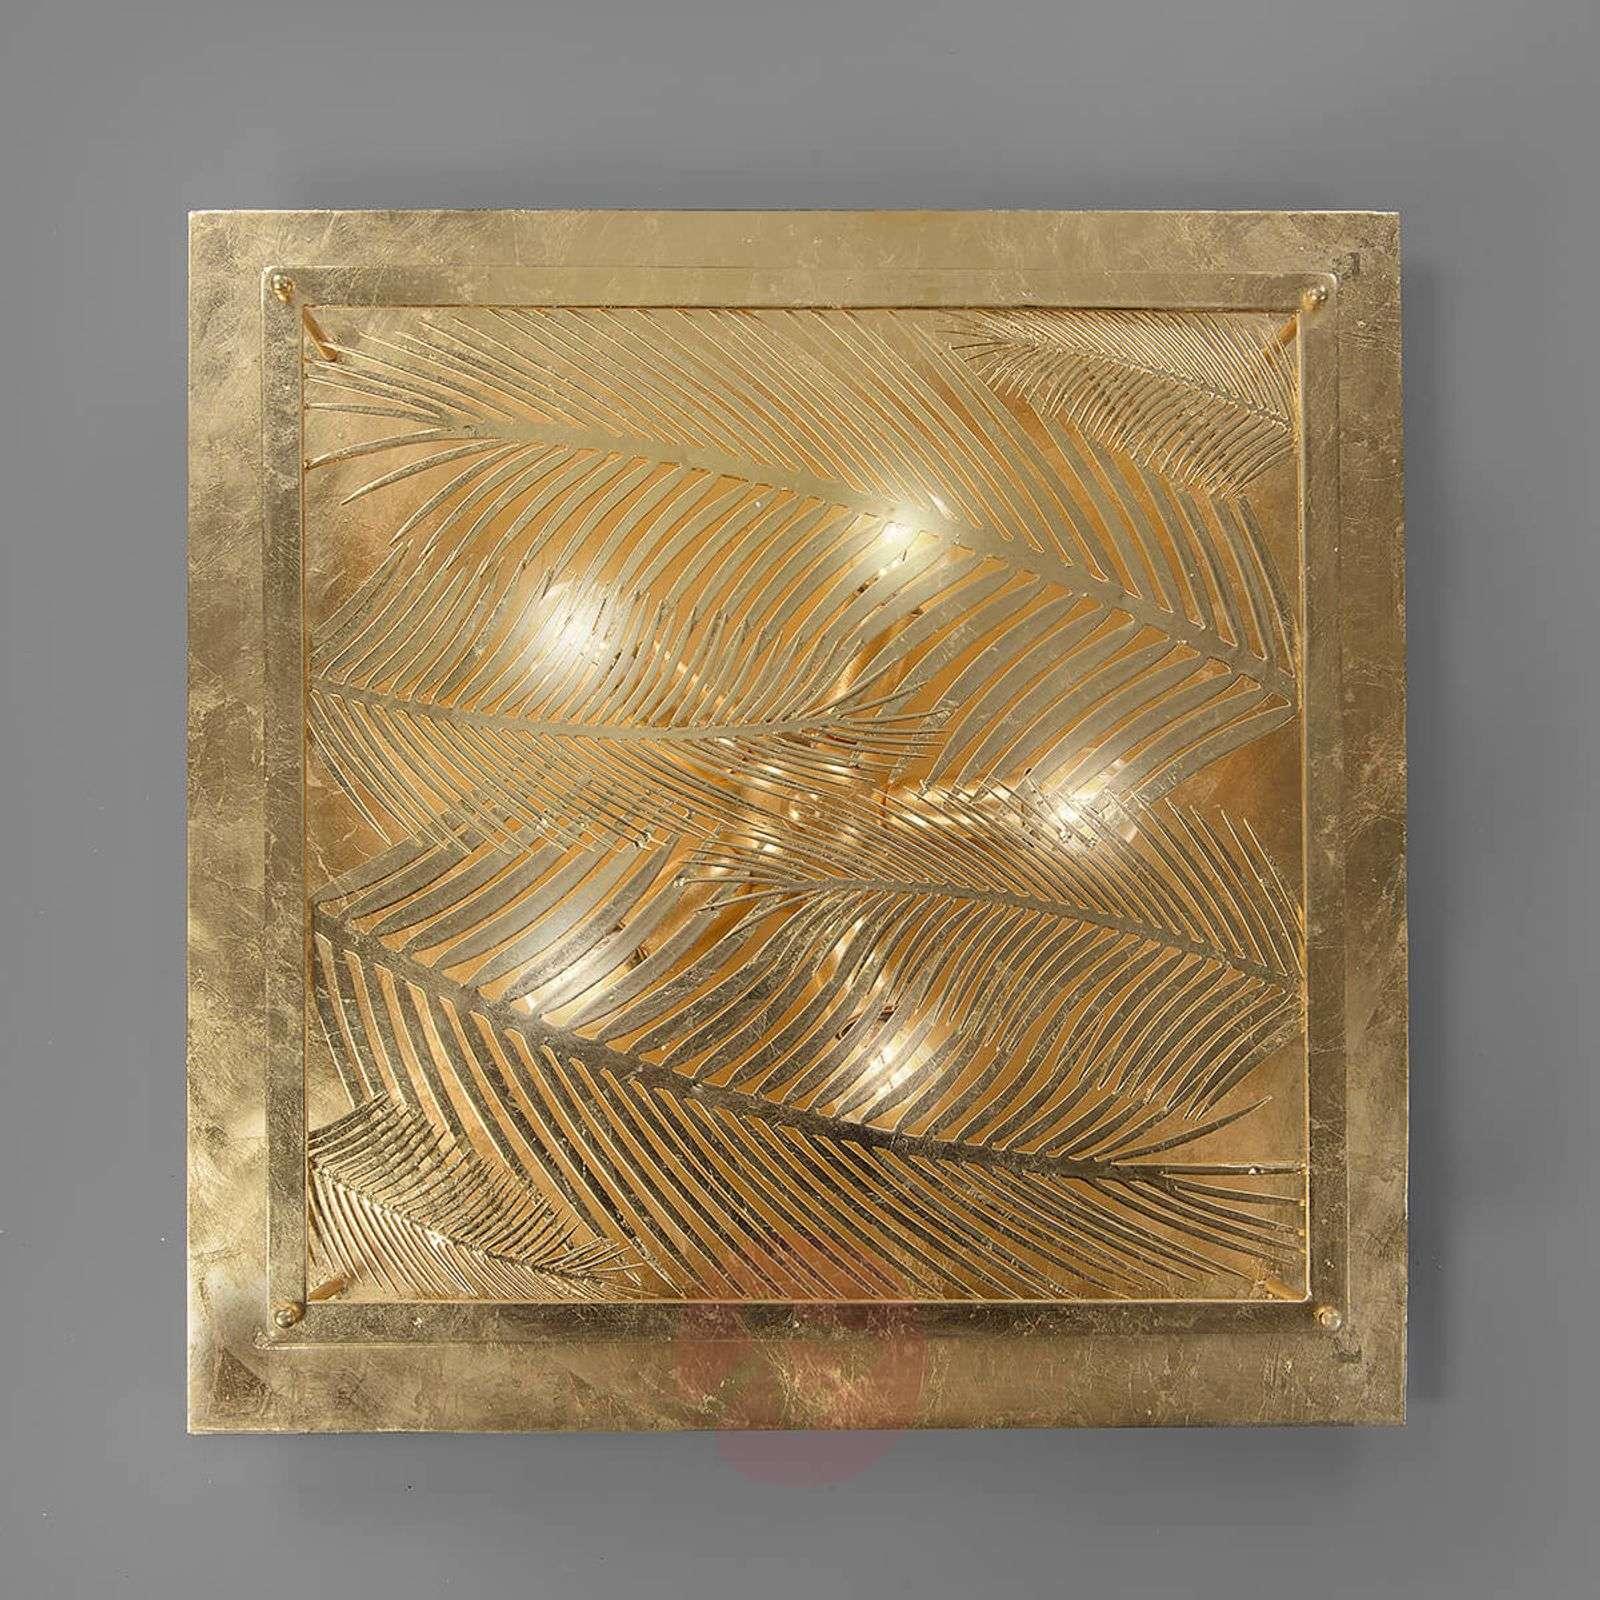 Neliömäinen designer-kattolamppu Felce, kulta-3532155-01